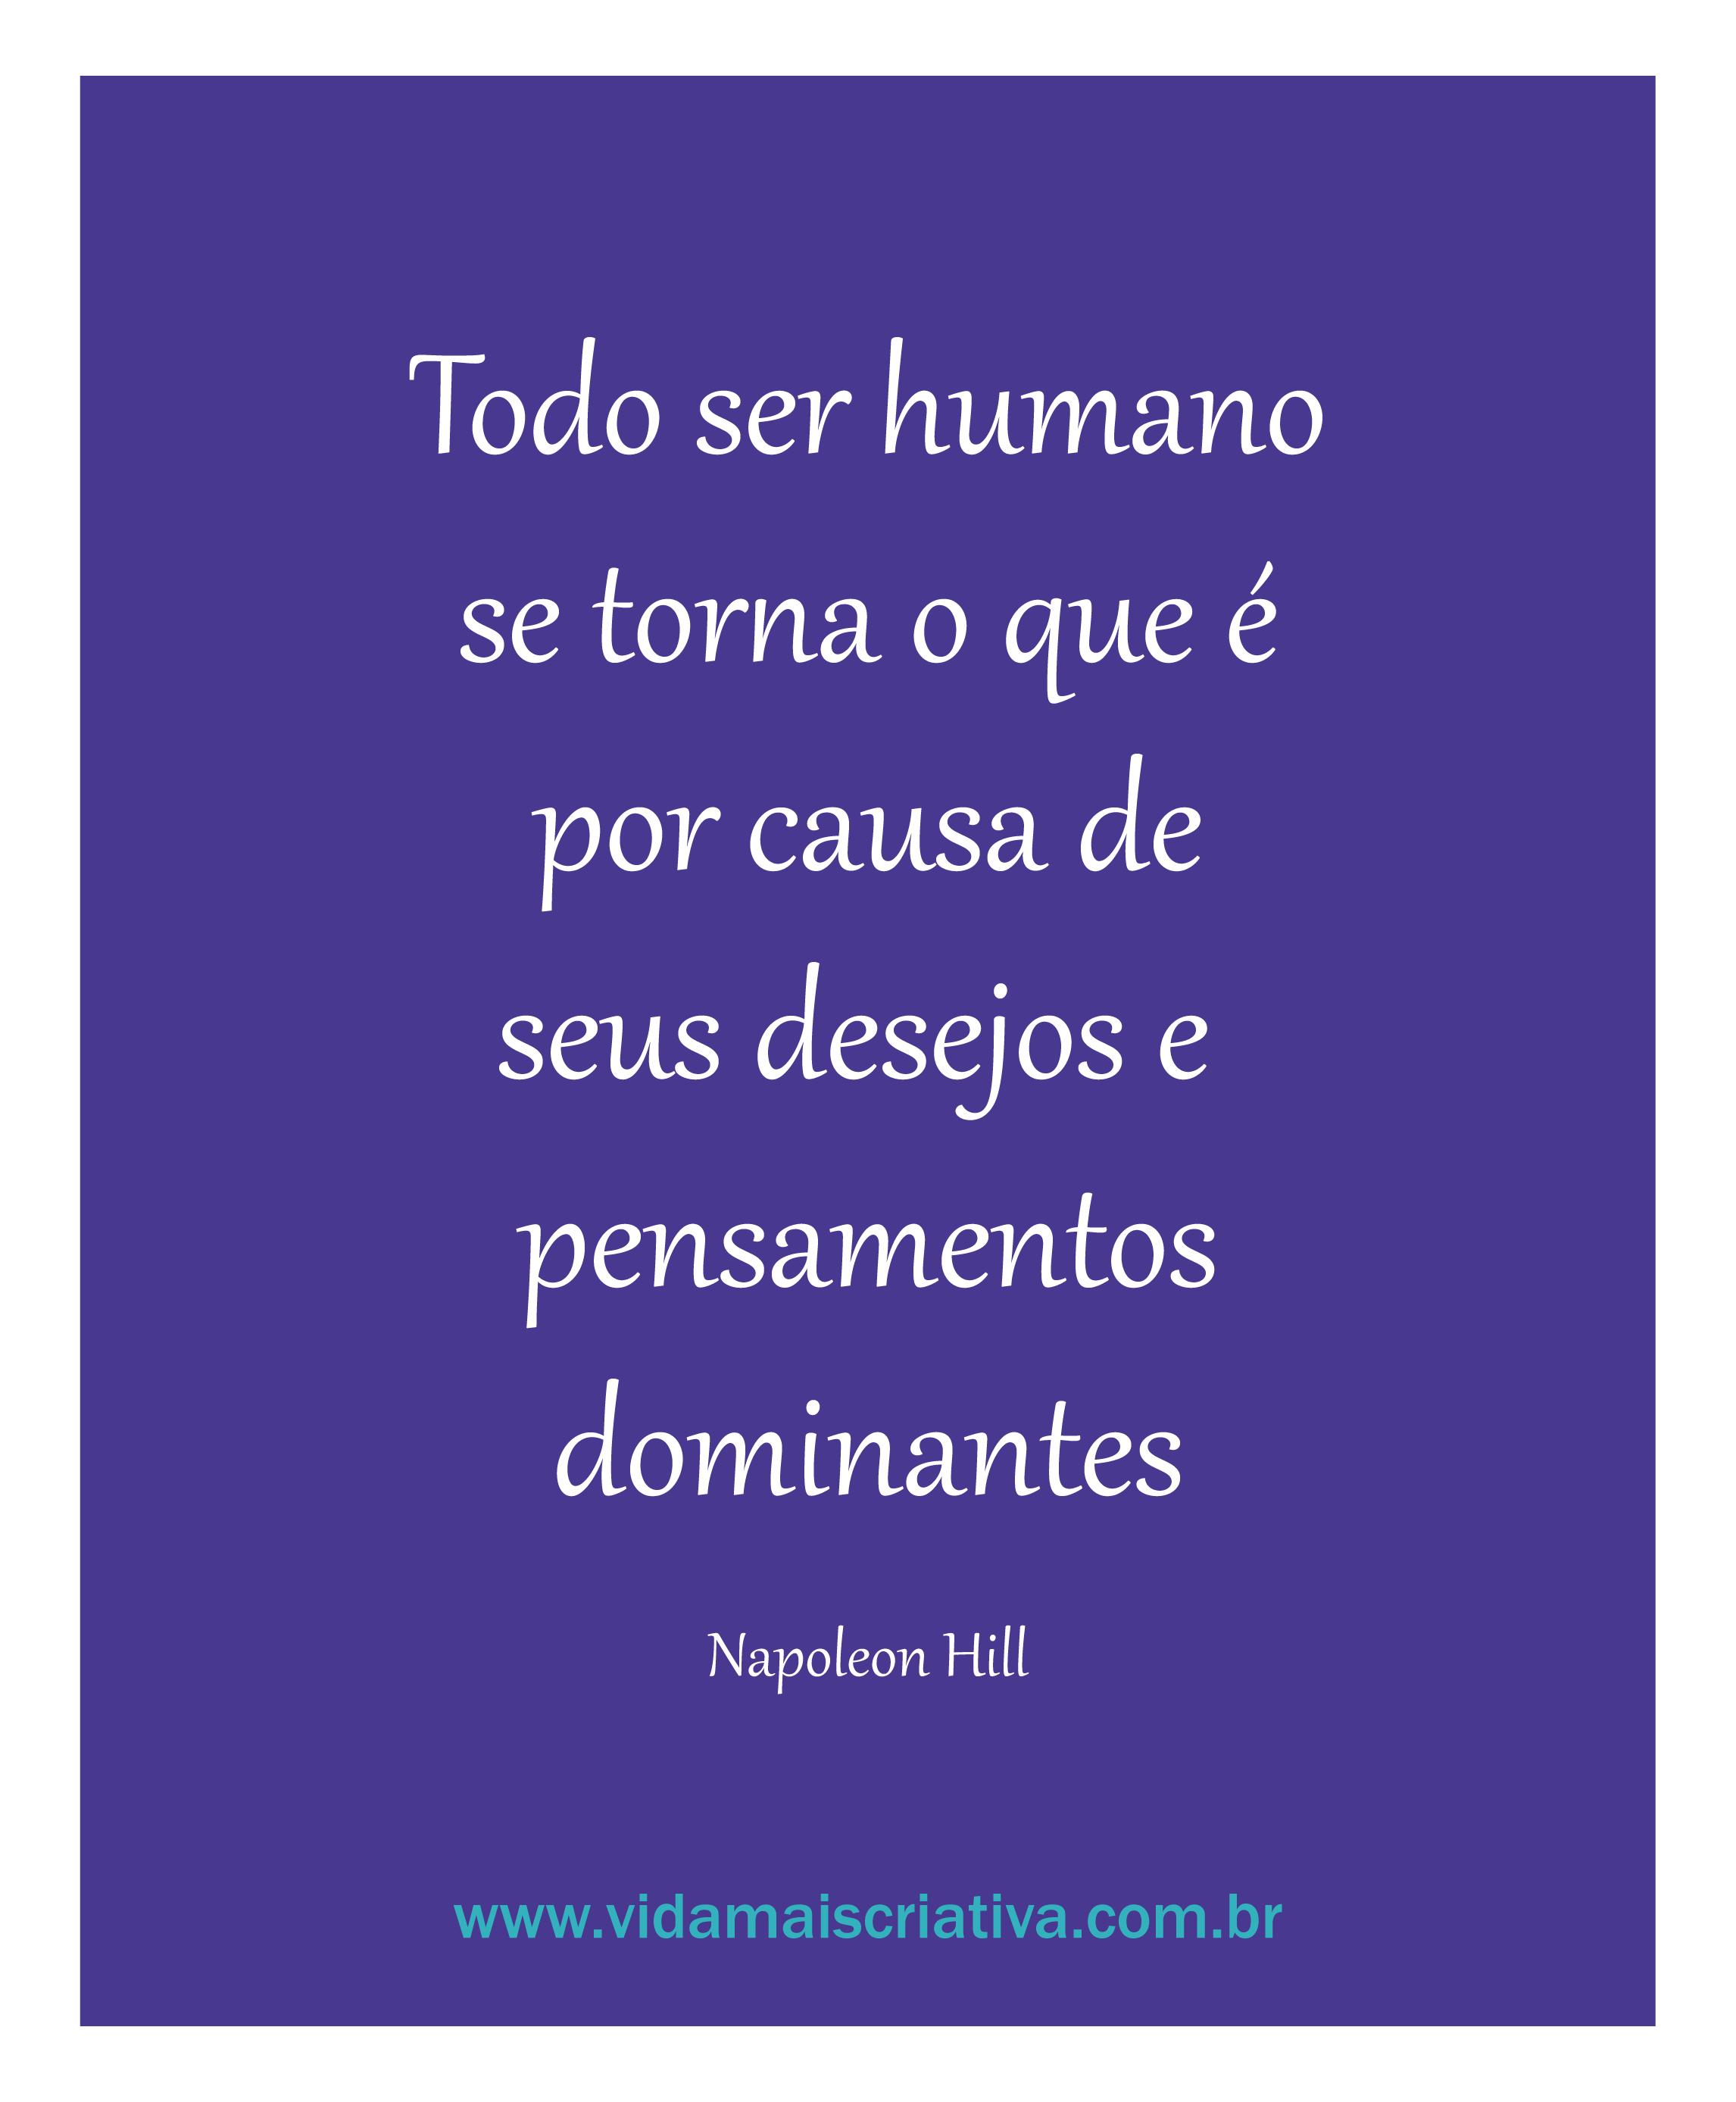 Todo ser humano se torna o que é por causa de seus desejos e pensamentos dominantes